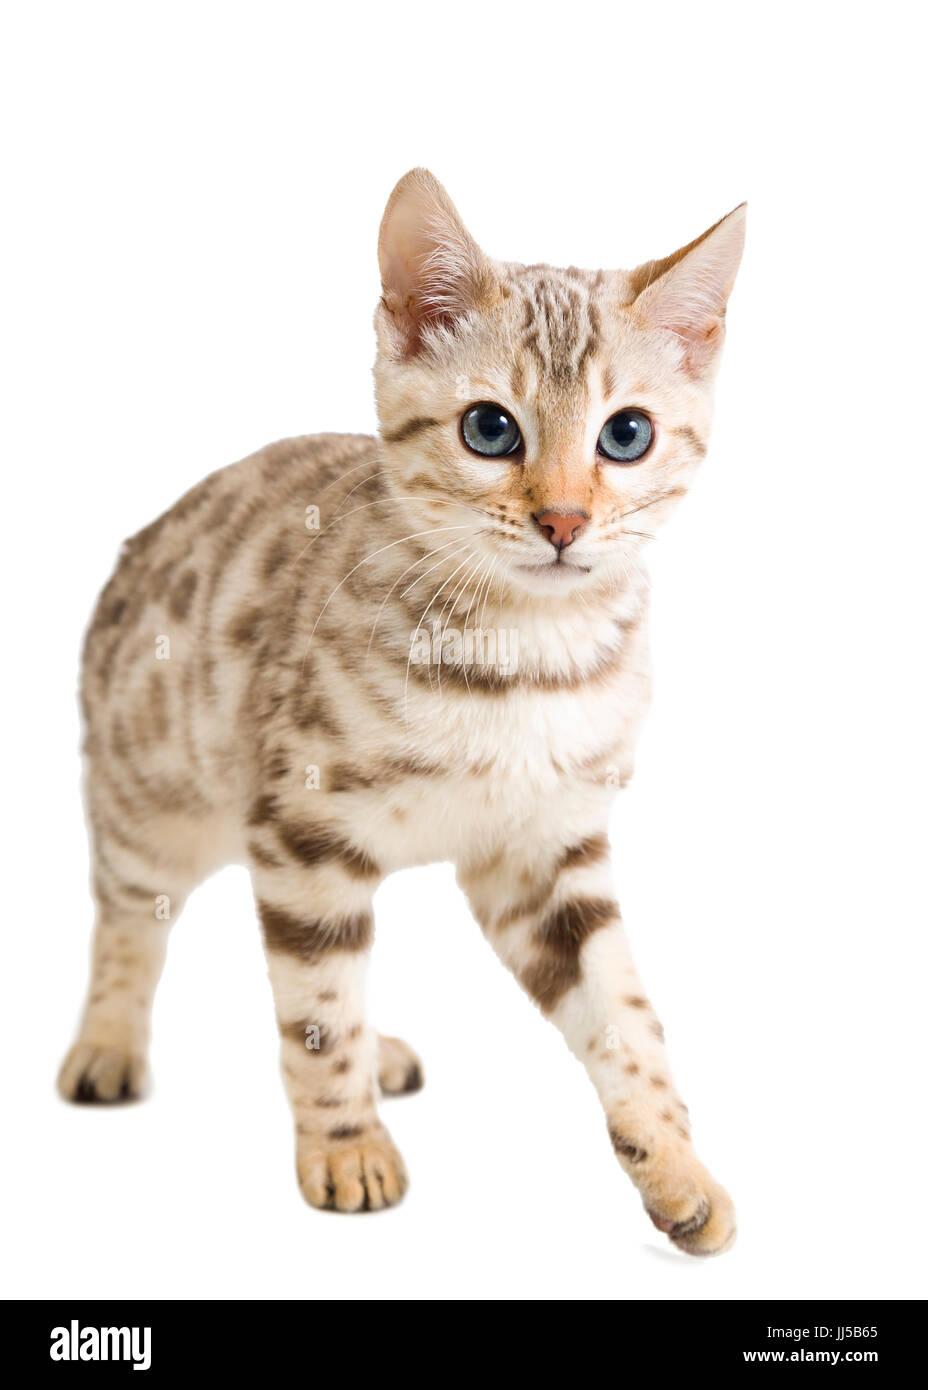 Snow Bengal cat Kitten auf weißem Hintergrund isoliert Model Release: Nein Property Release: Nein. Stockbild